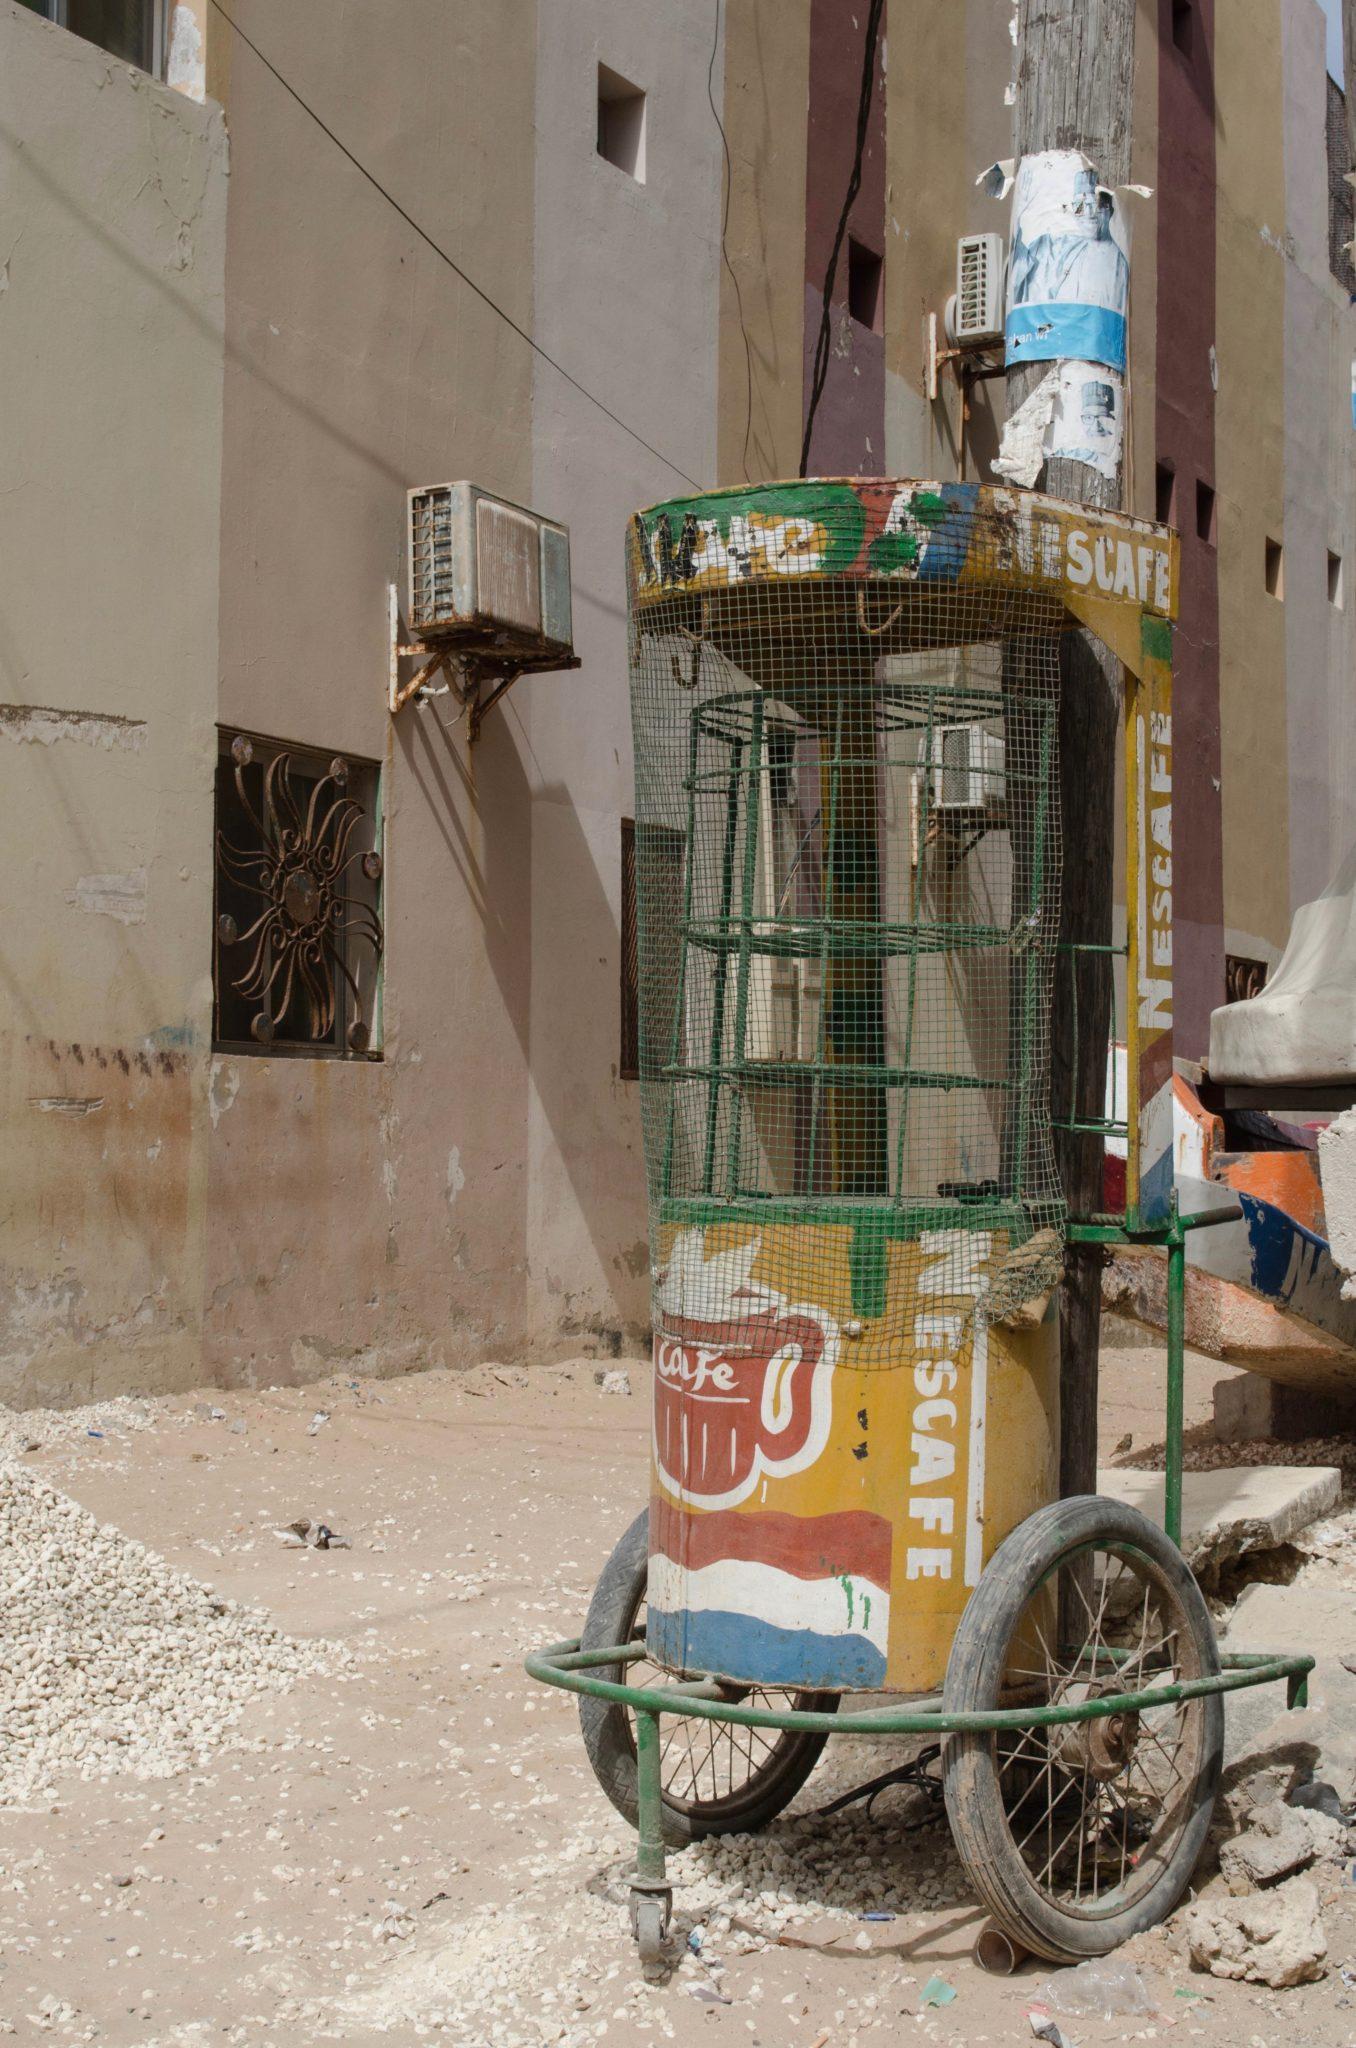 Senegal-Sehenswuerdigkeiten-Nescafe-Stand